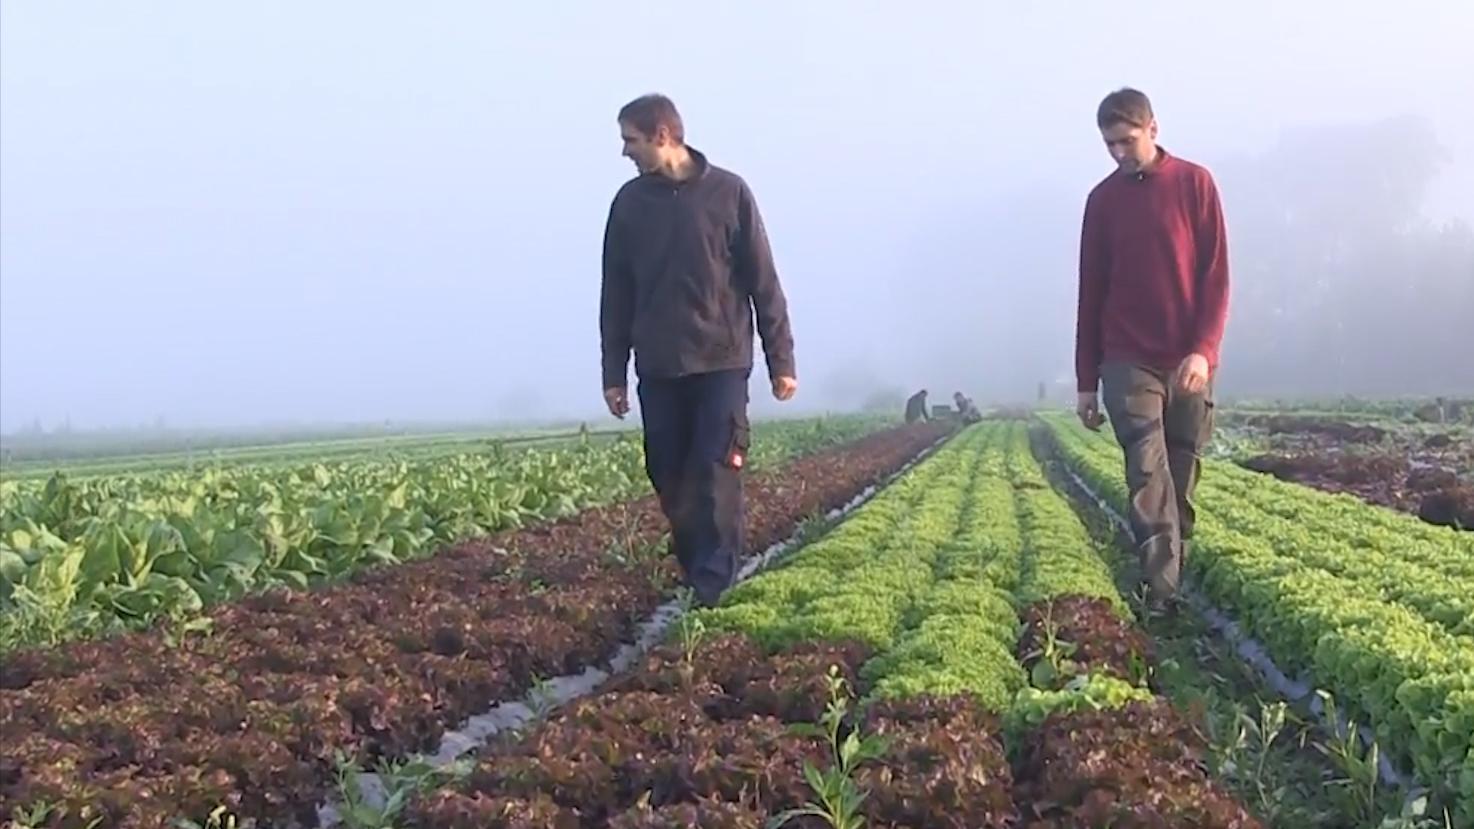 Johannes und Florian Pfänder laufen über ein Salatfeld.